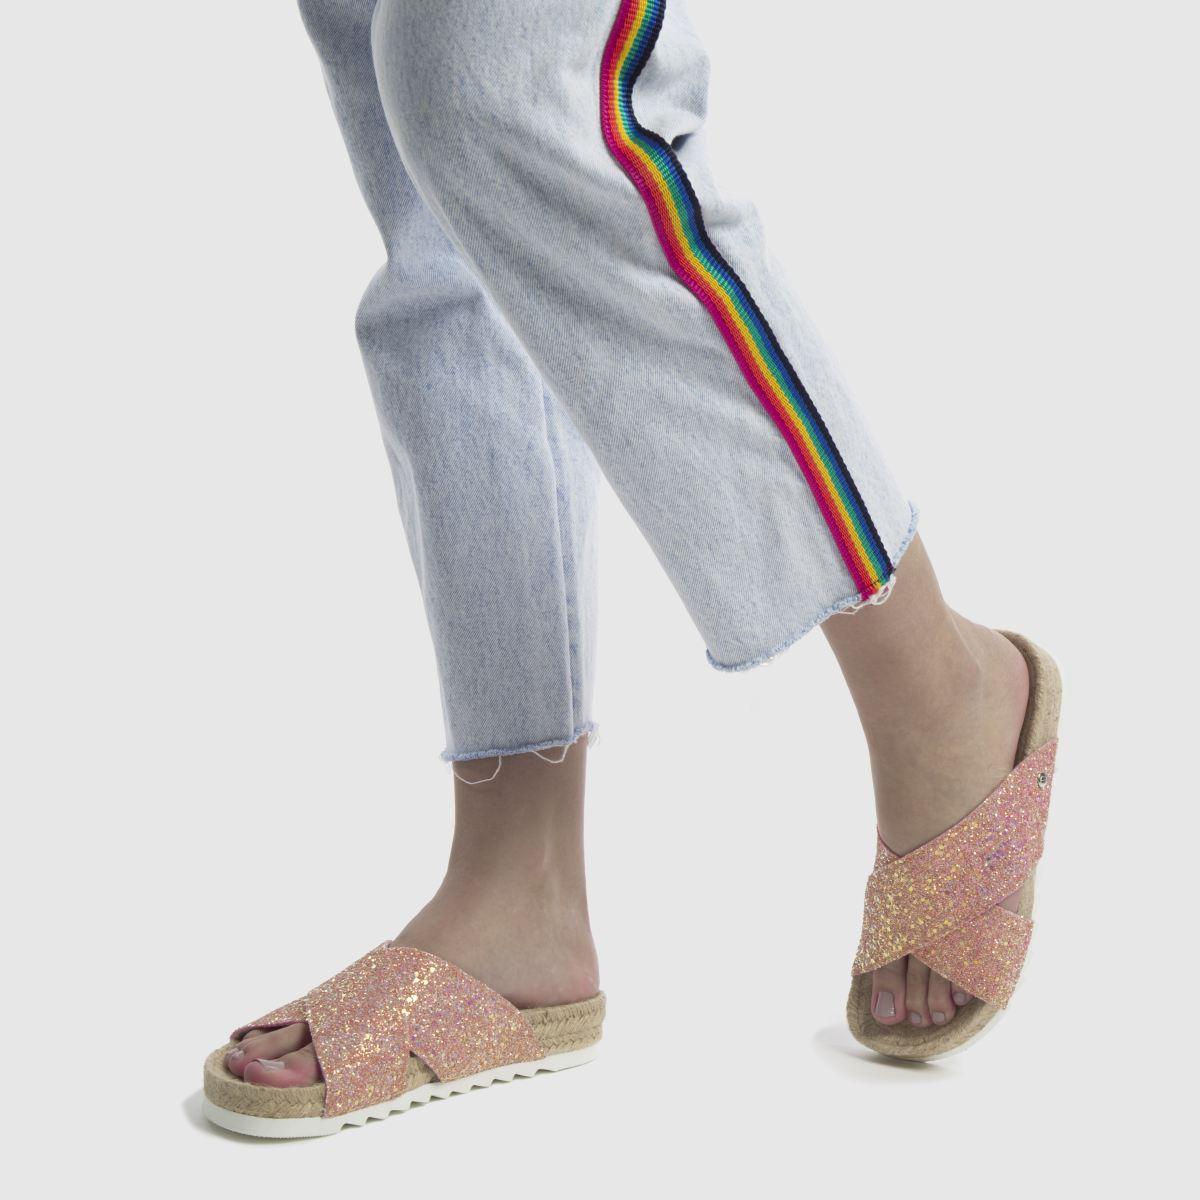 Damen Pink red or dead Florentine Sandalen | schuh Gute Qualität beliebte Schuhe